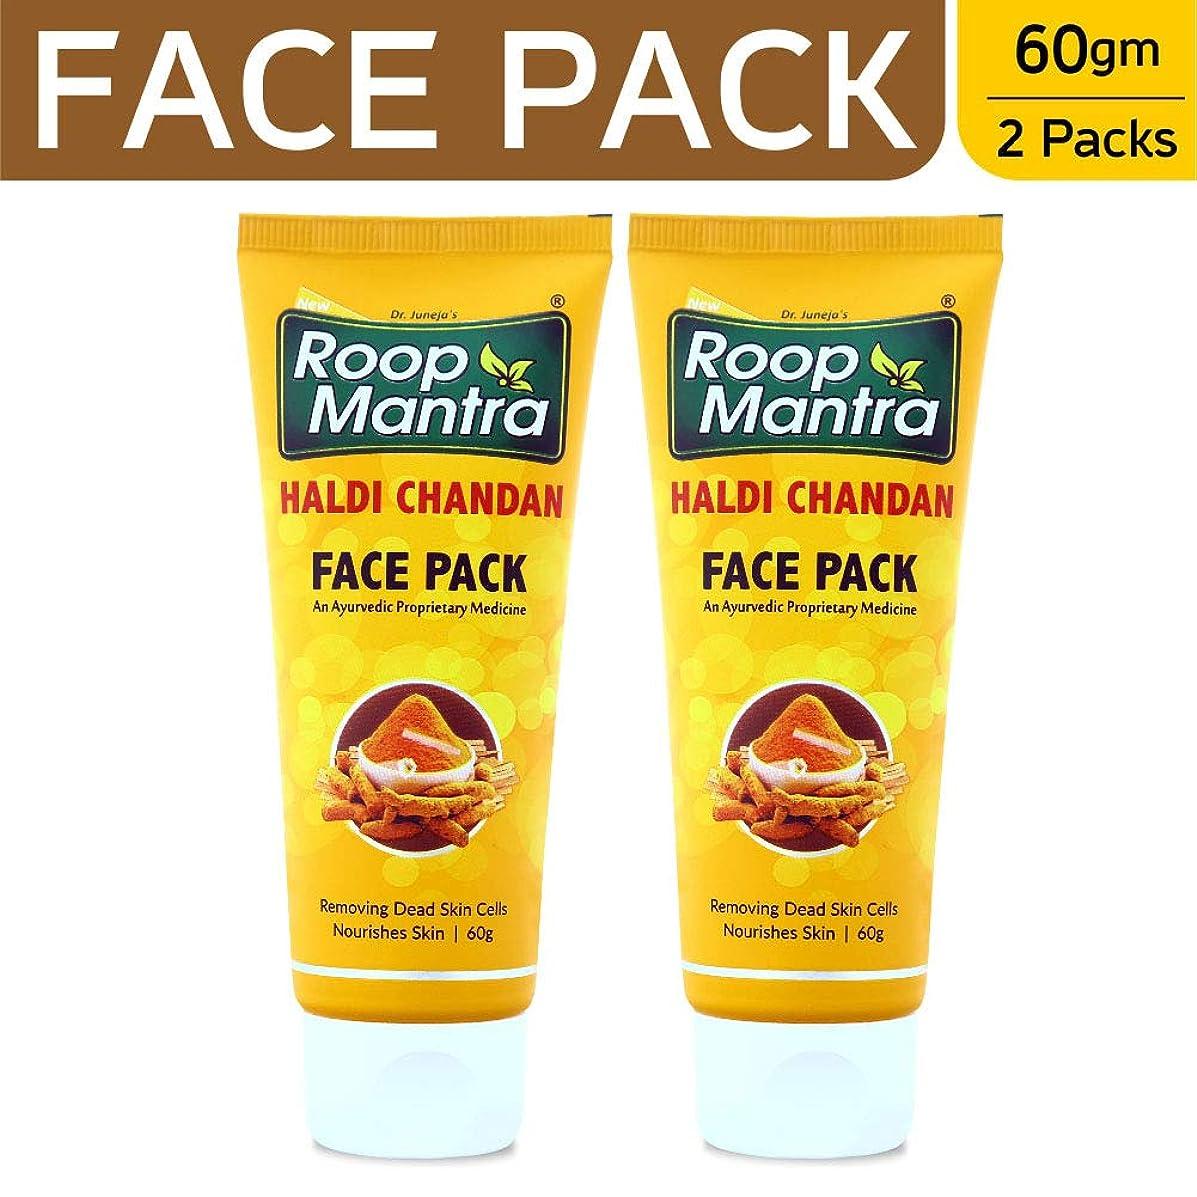 放棄された昇る落胆させるRoop Mantra Haldi Chandan Face Pack, 60g (Pack of 2)